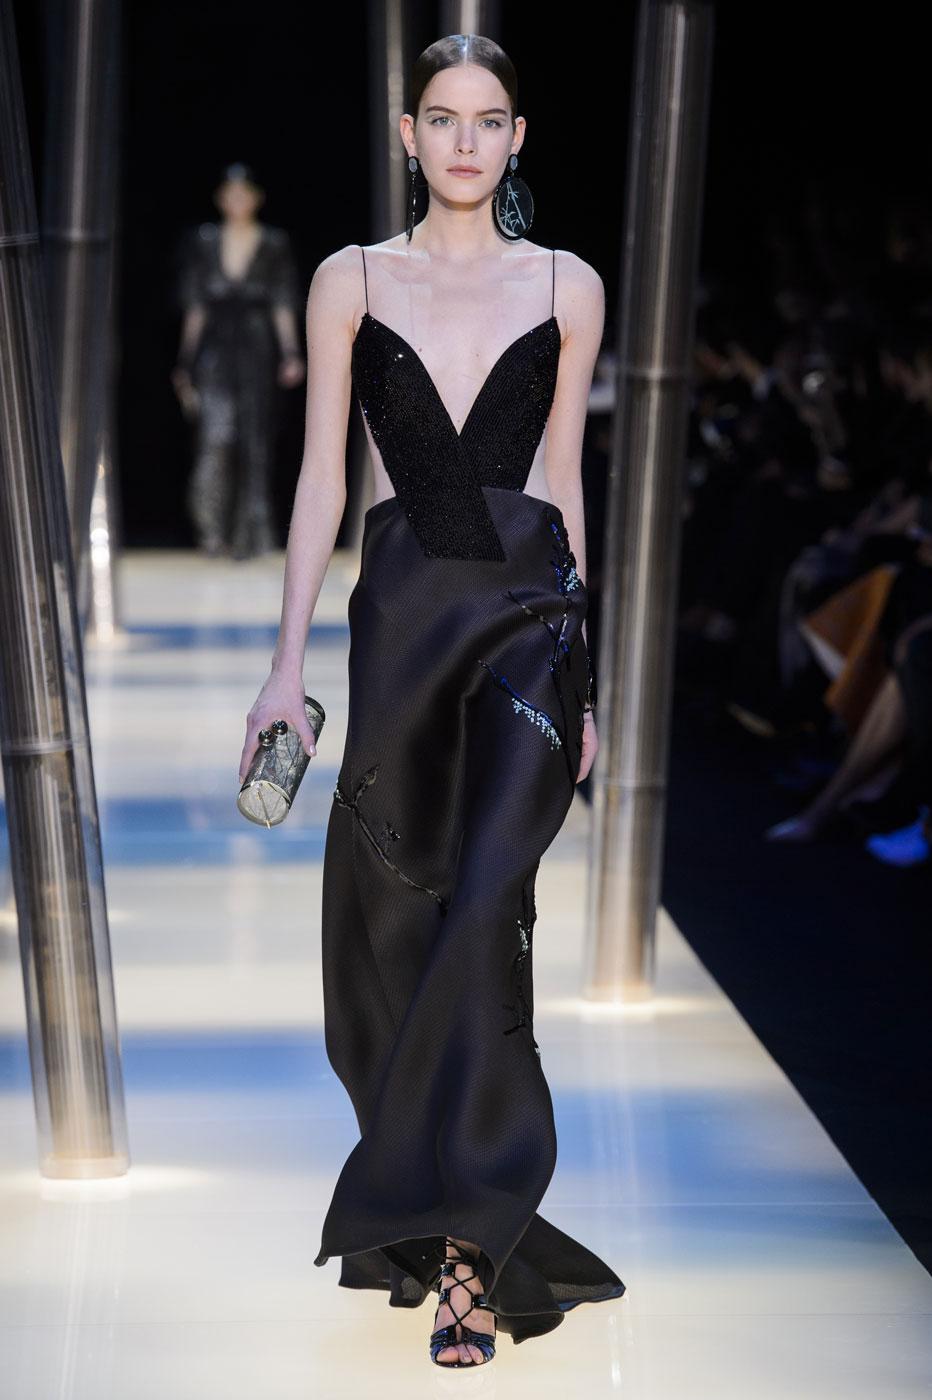 Giorgio-armani-Prive-fashion-runway-show-haute-couture-paris-spring-2015-the-impression-107